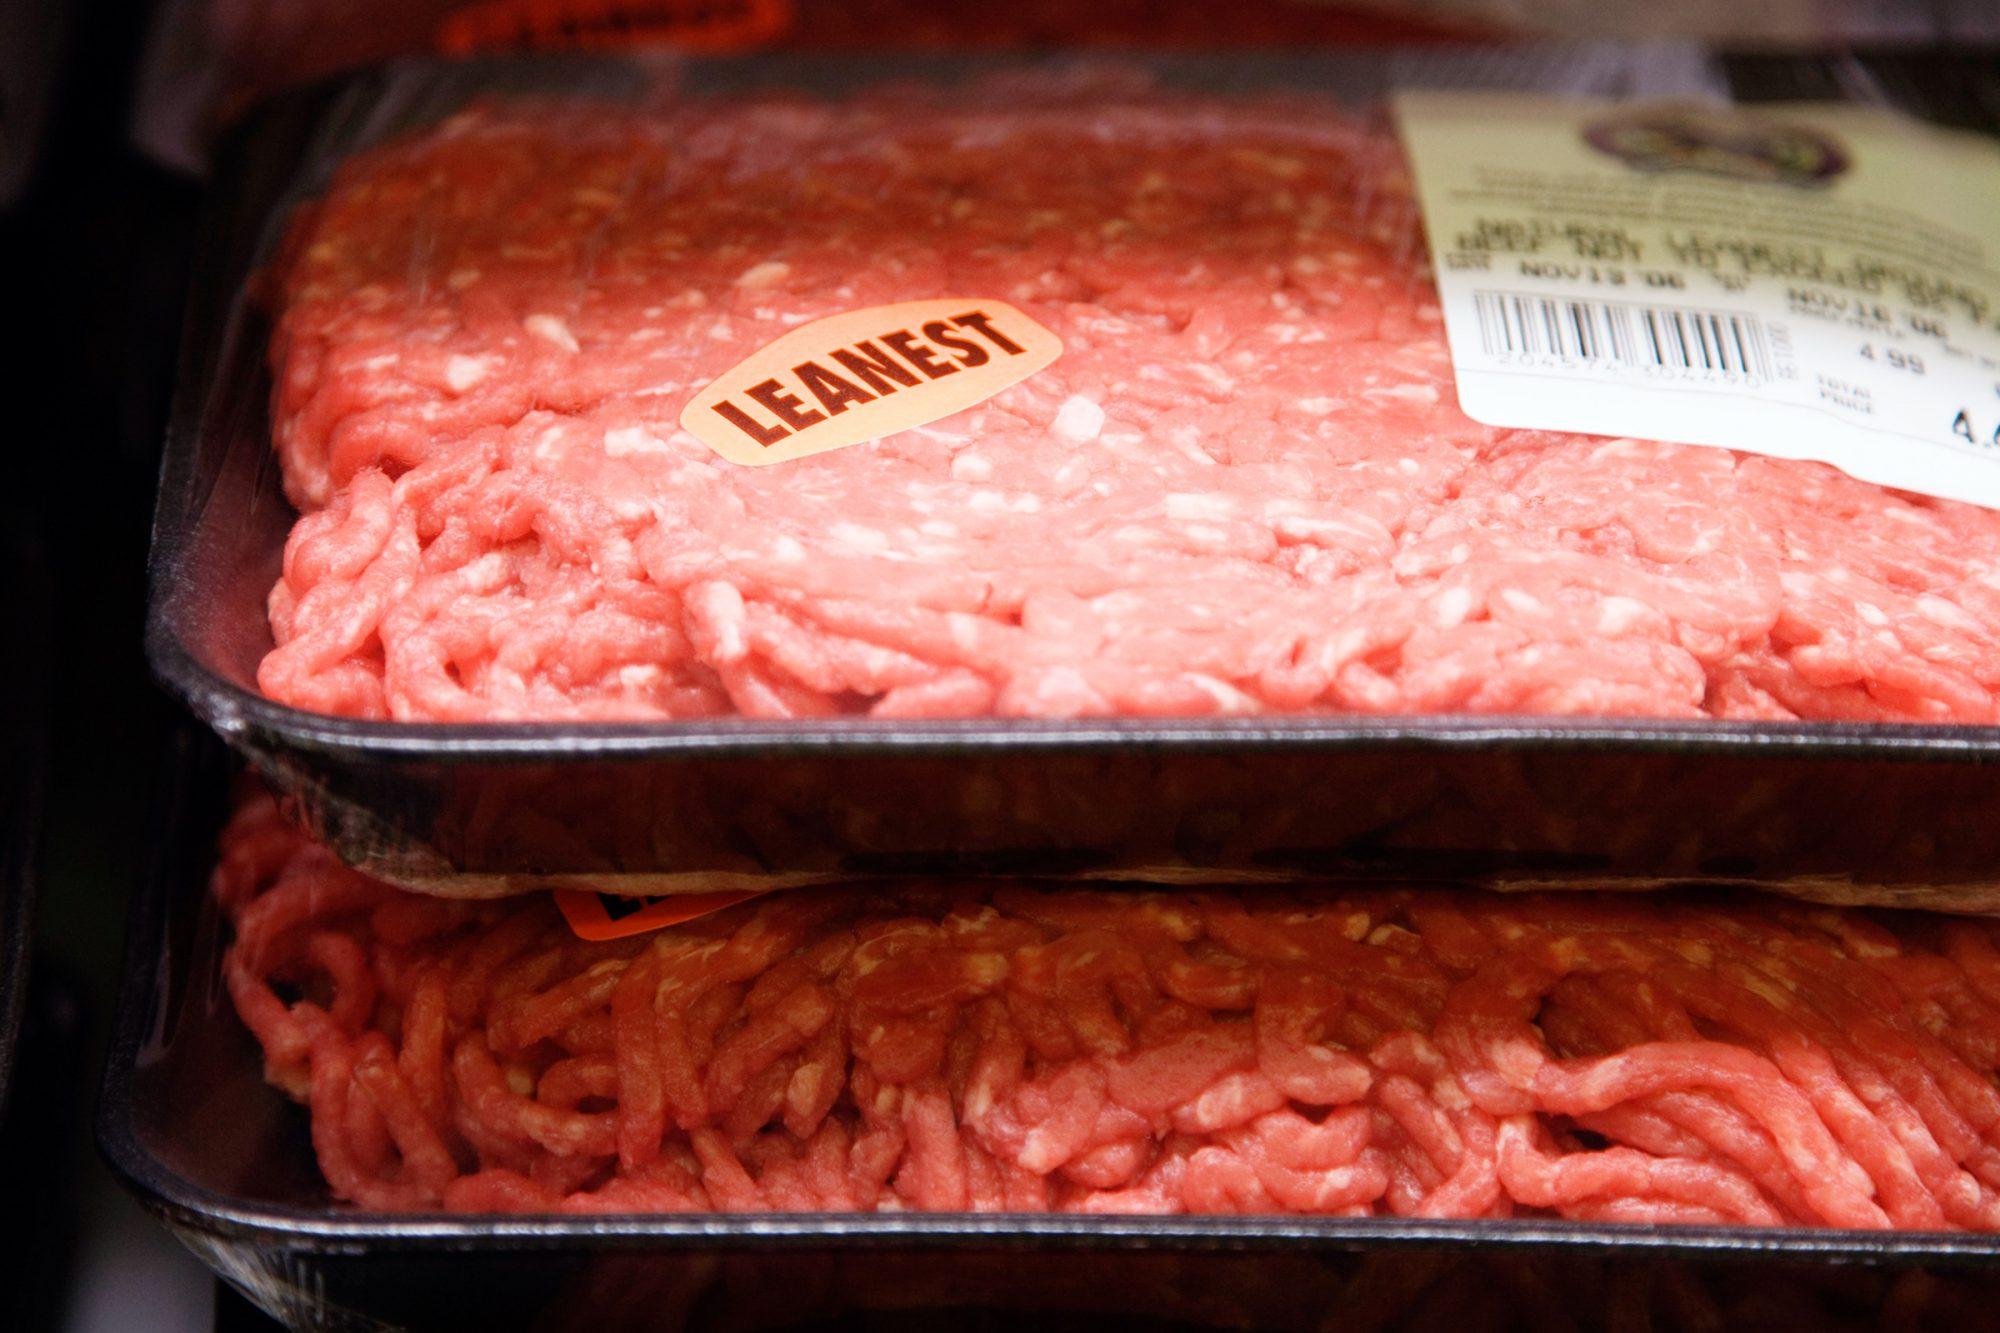 Ground beef in supermarket, close-up